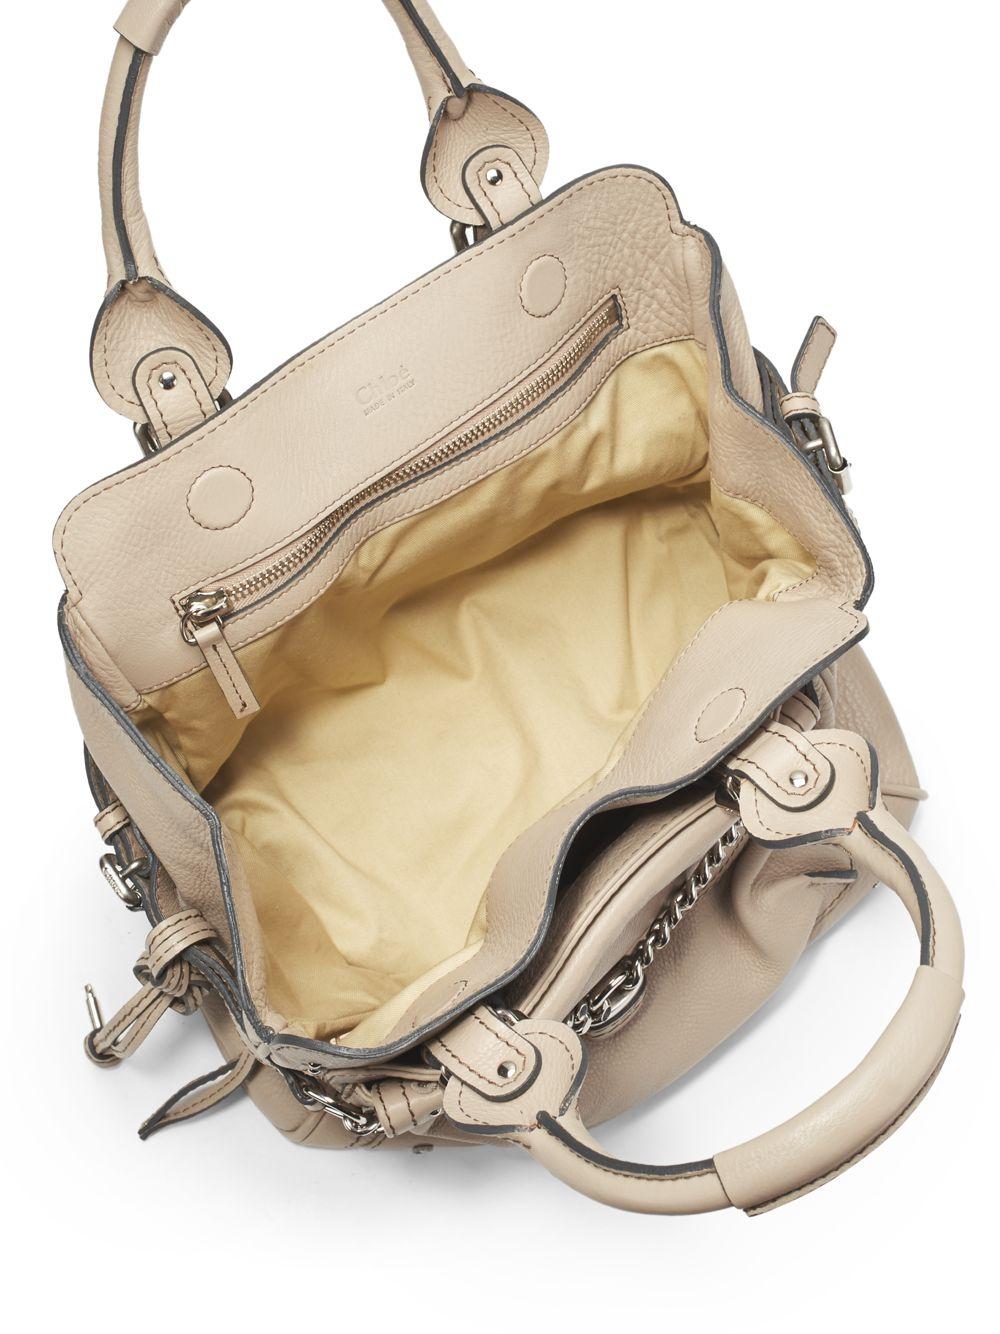 chloe elsie mini shoulder bag - chloe paddington capsule shoulder bag, chloe designer bags